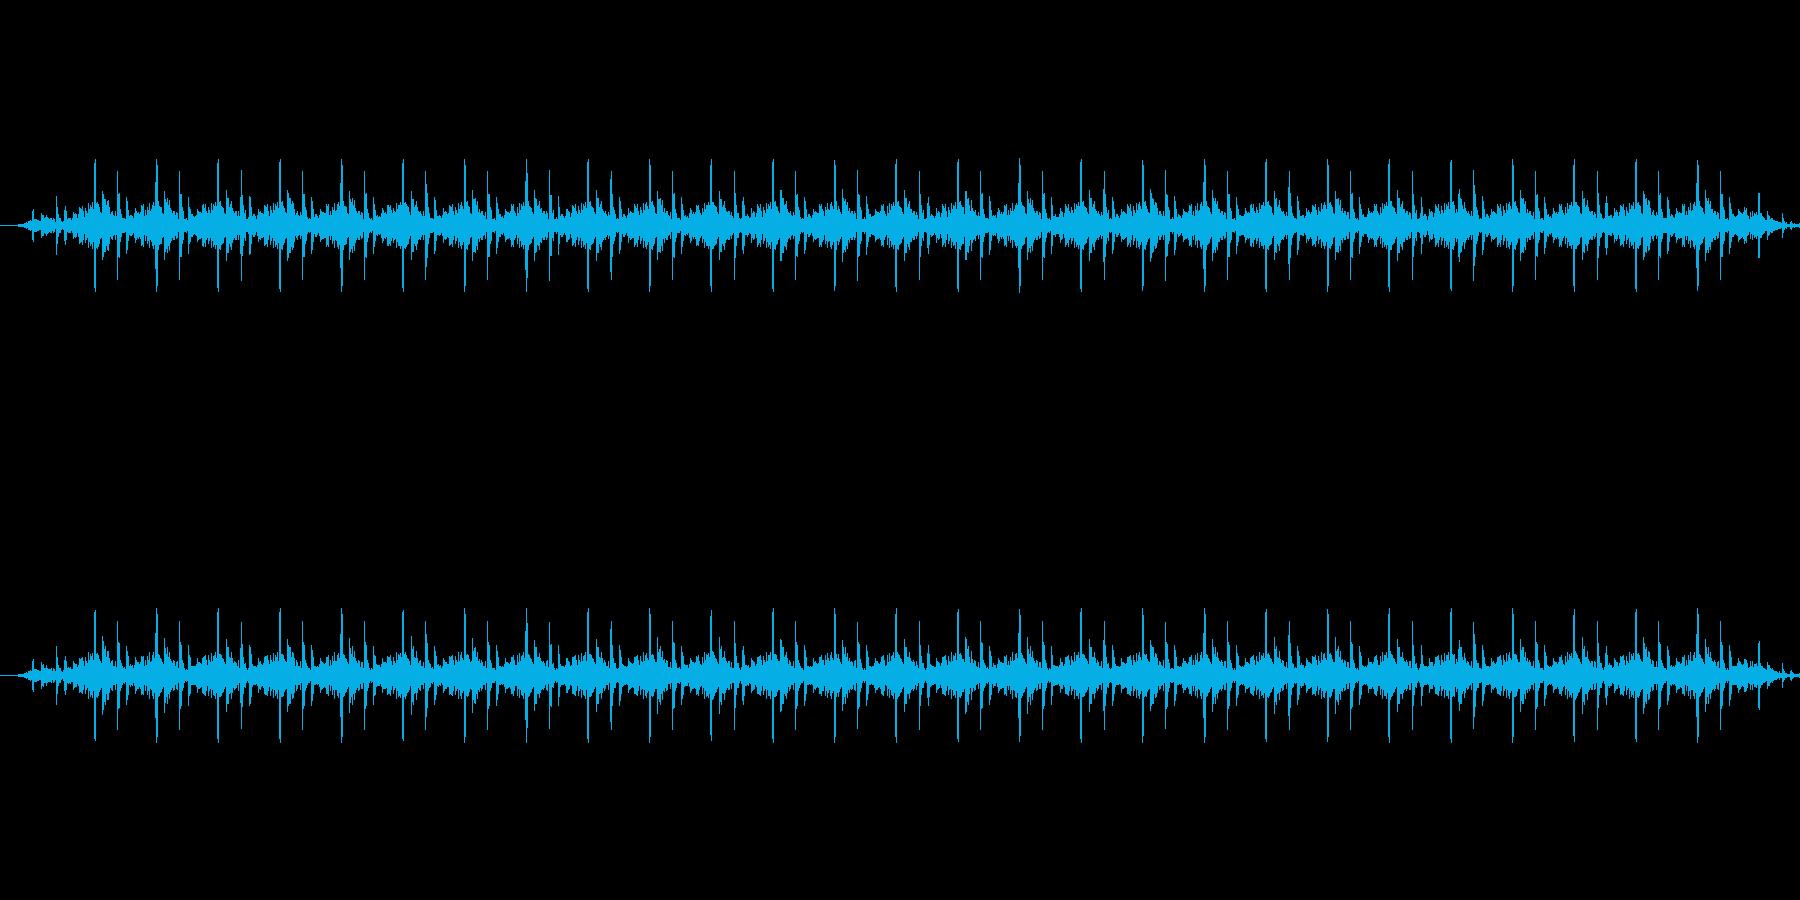 ガタンゴトンの再生済みの波形